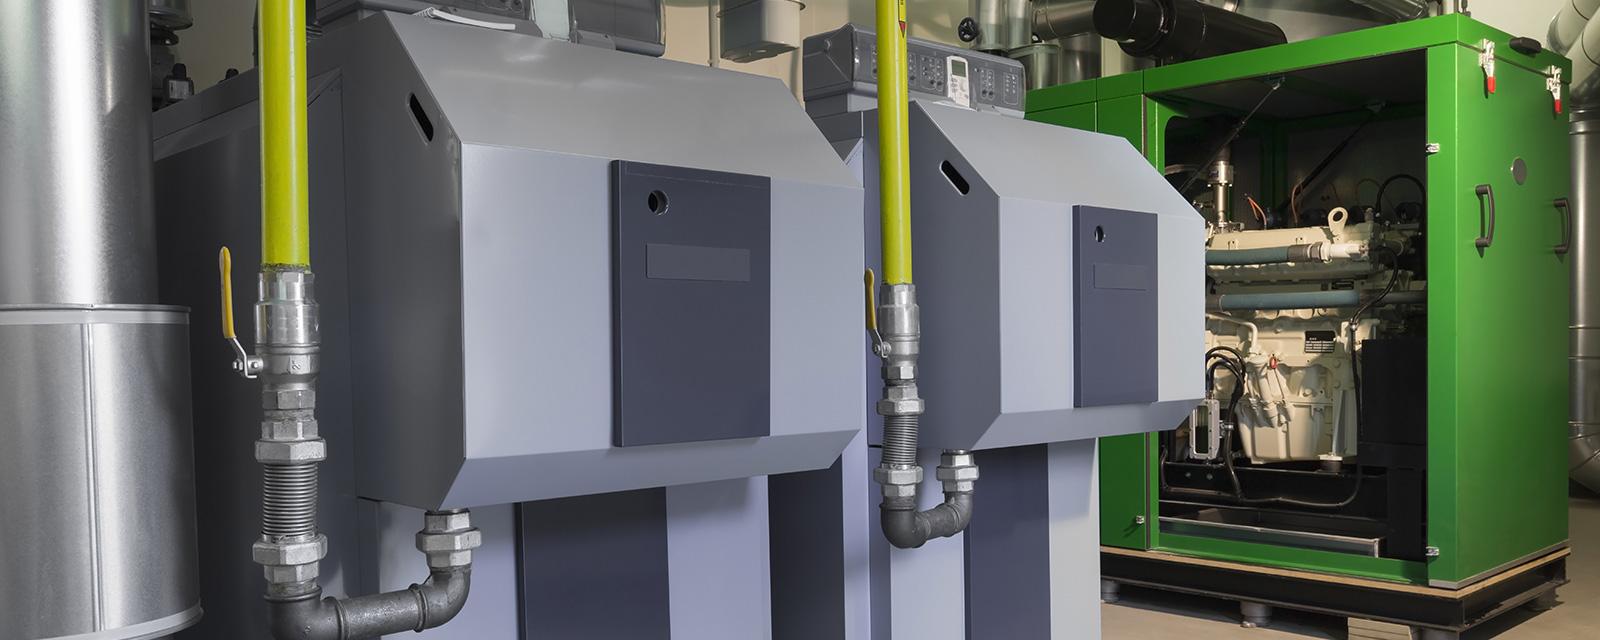 Grundlagen BHKW - dezentrale Energieerzeugung mit Blockheizkraftwerken Haus der Technik